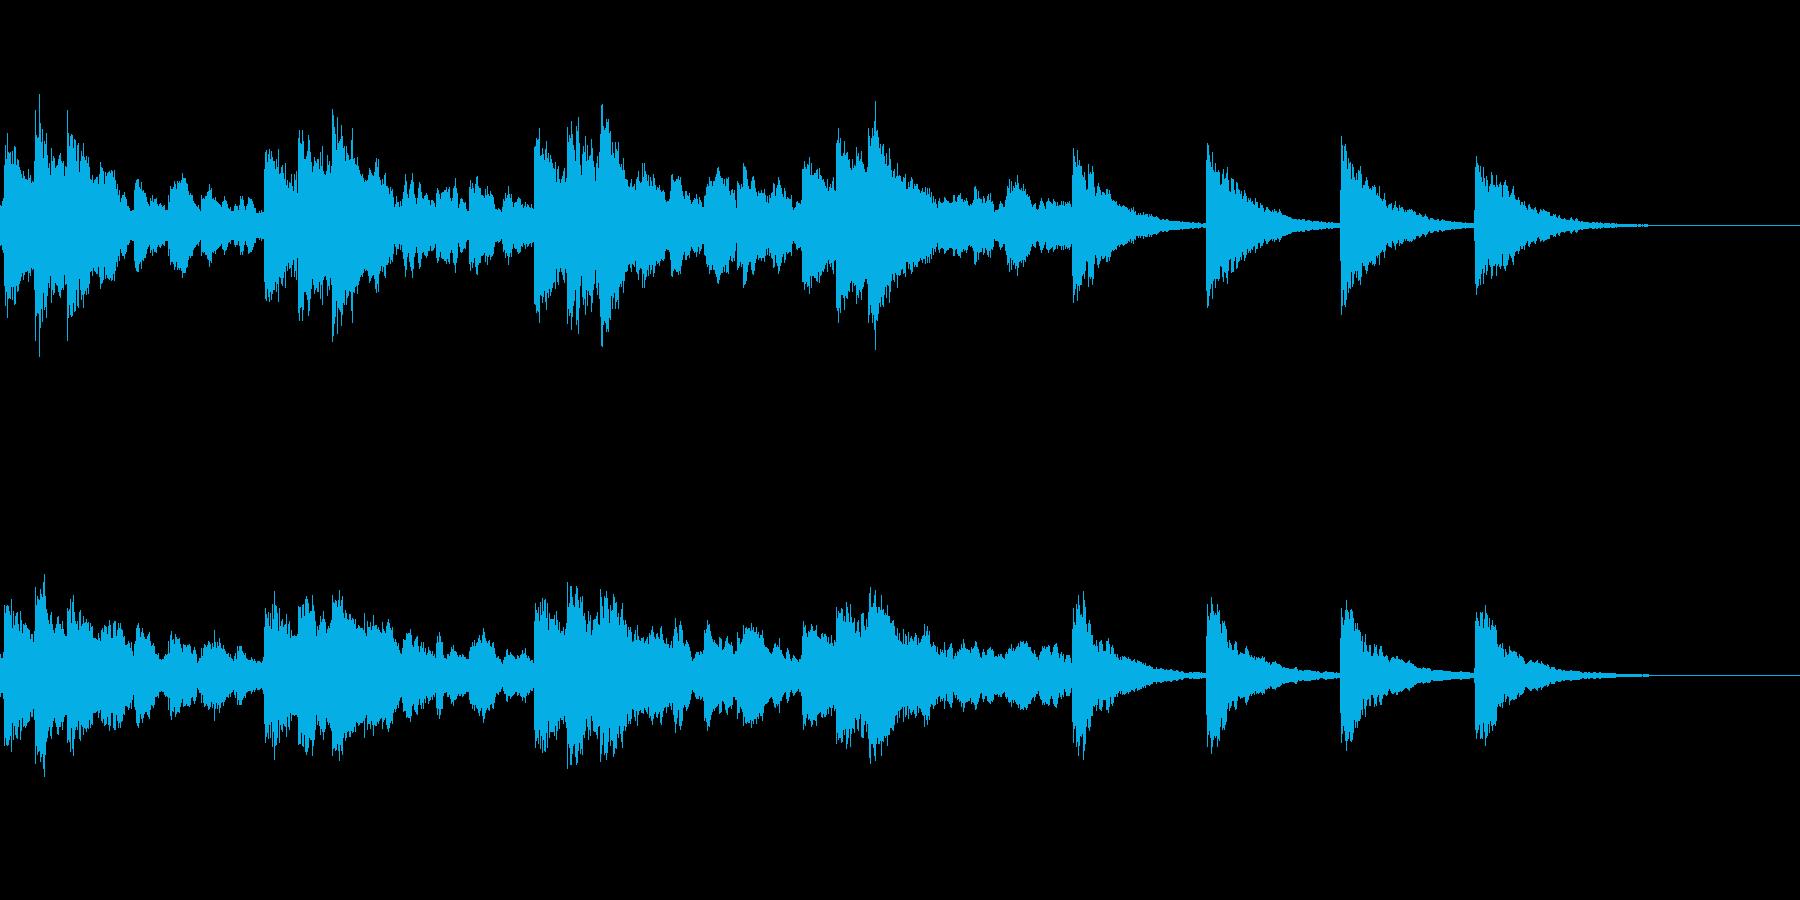 開幕ベル=チューブラベルでやや遅いの再生済みの波形